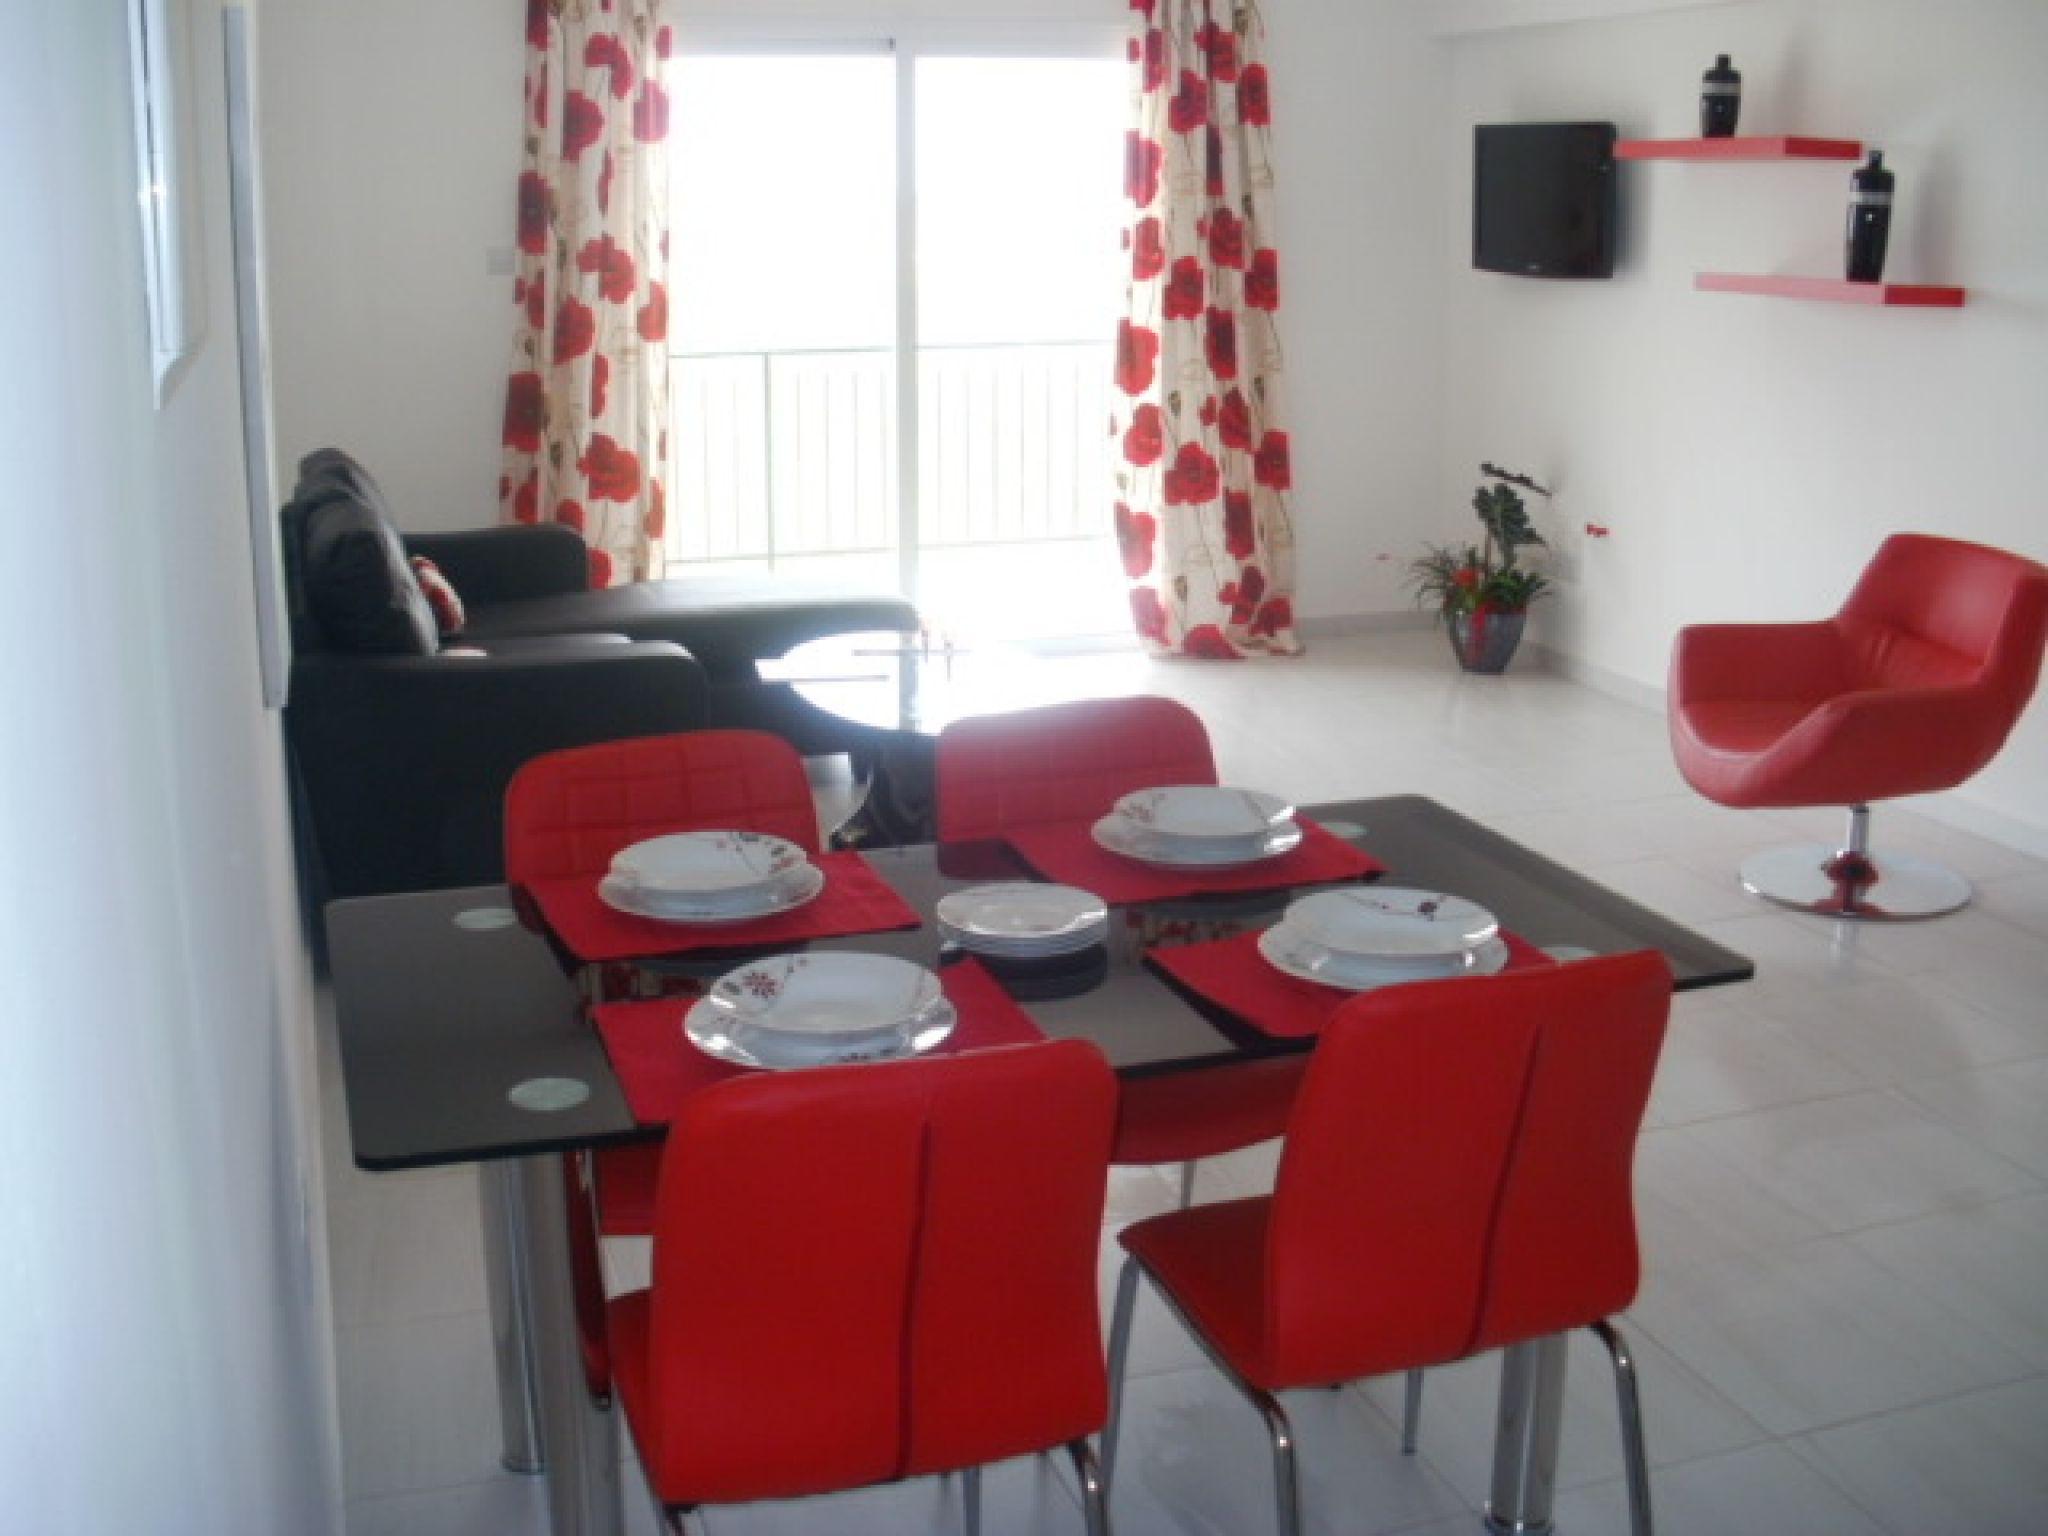 24 Apartments For Sale in Liopetri Area Ammochostos